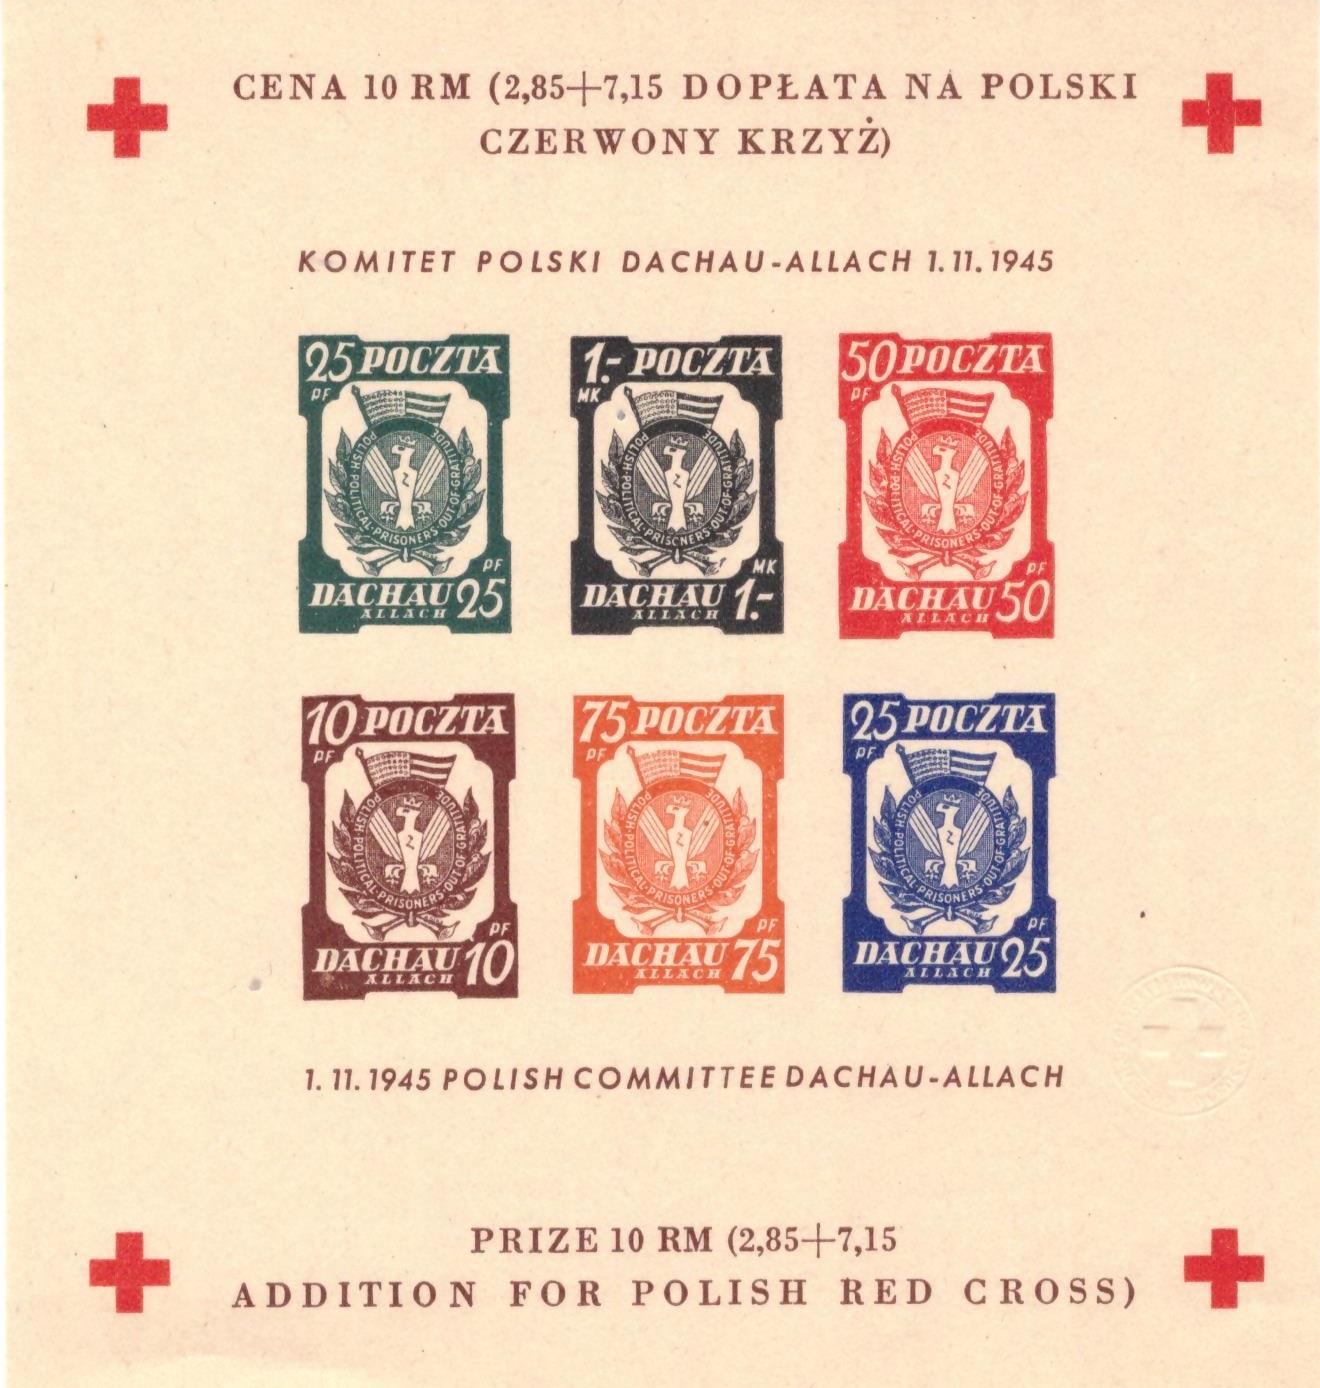 bloc_croix_rouge_pologne_1945.jpg